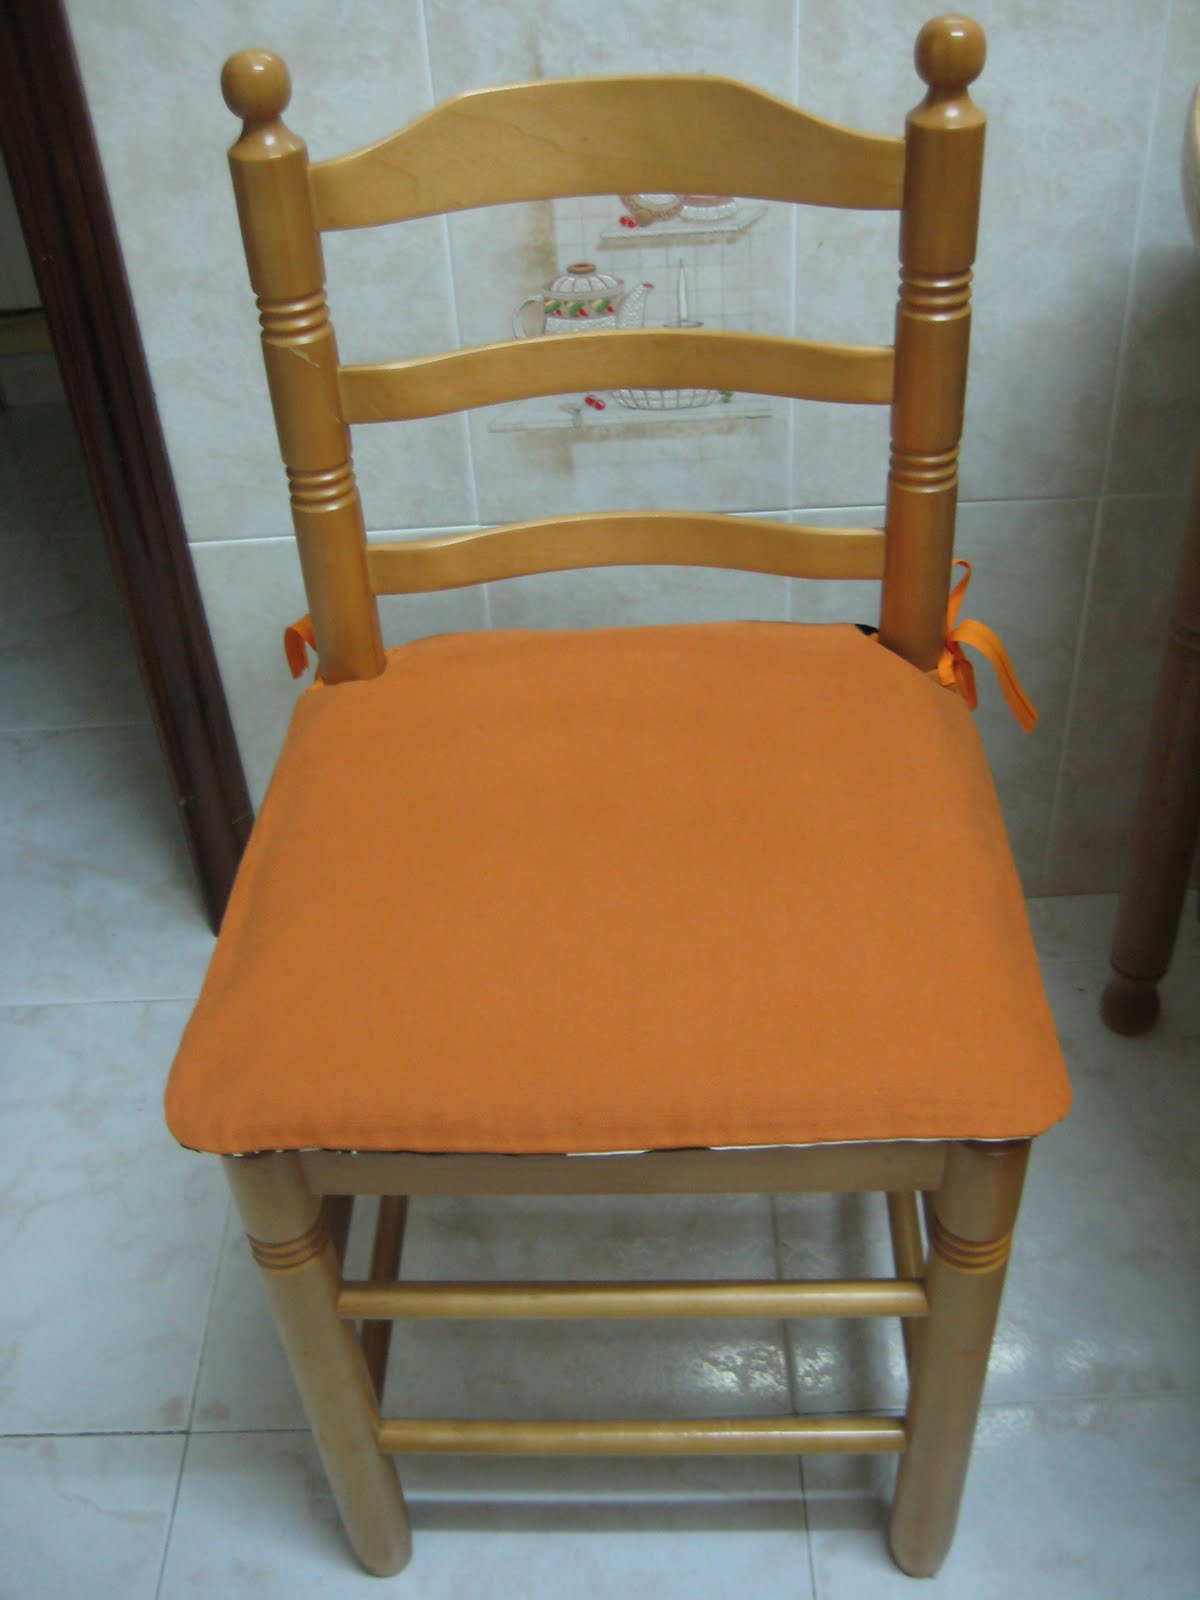 Flores y plantas cojines para la sillas de la cocina - Cojines de sillas ...